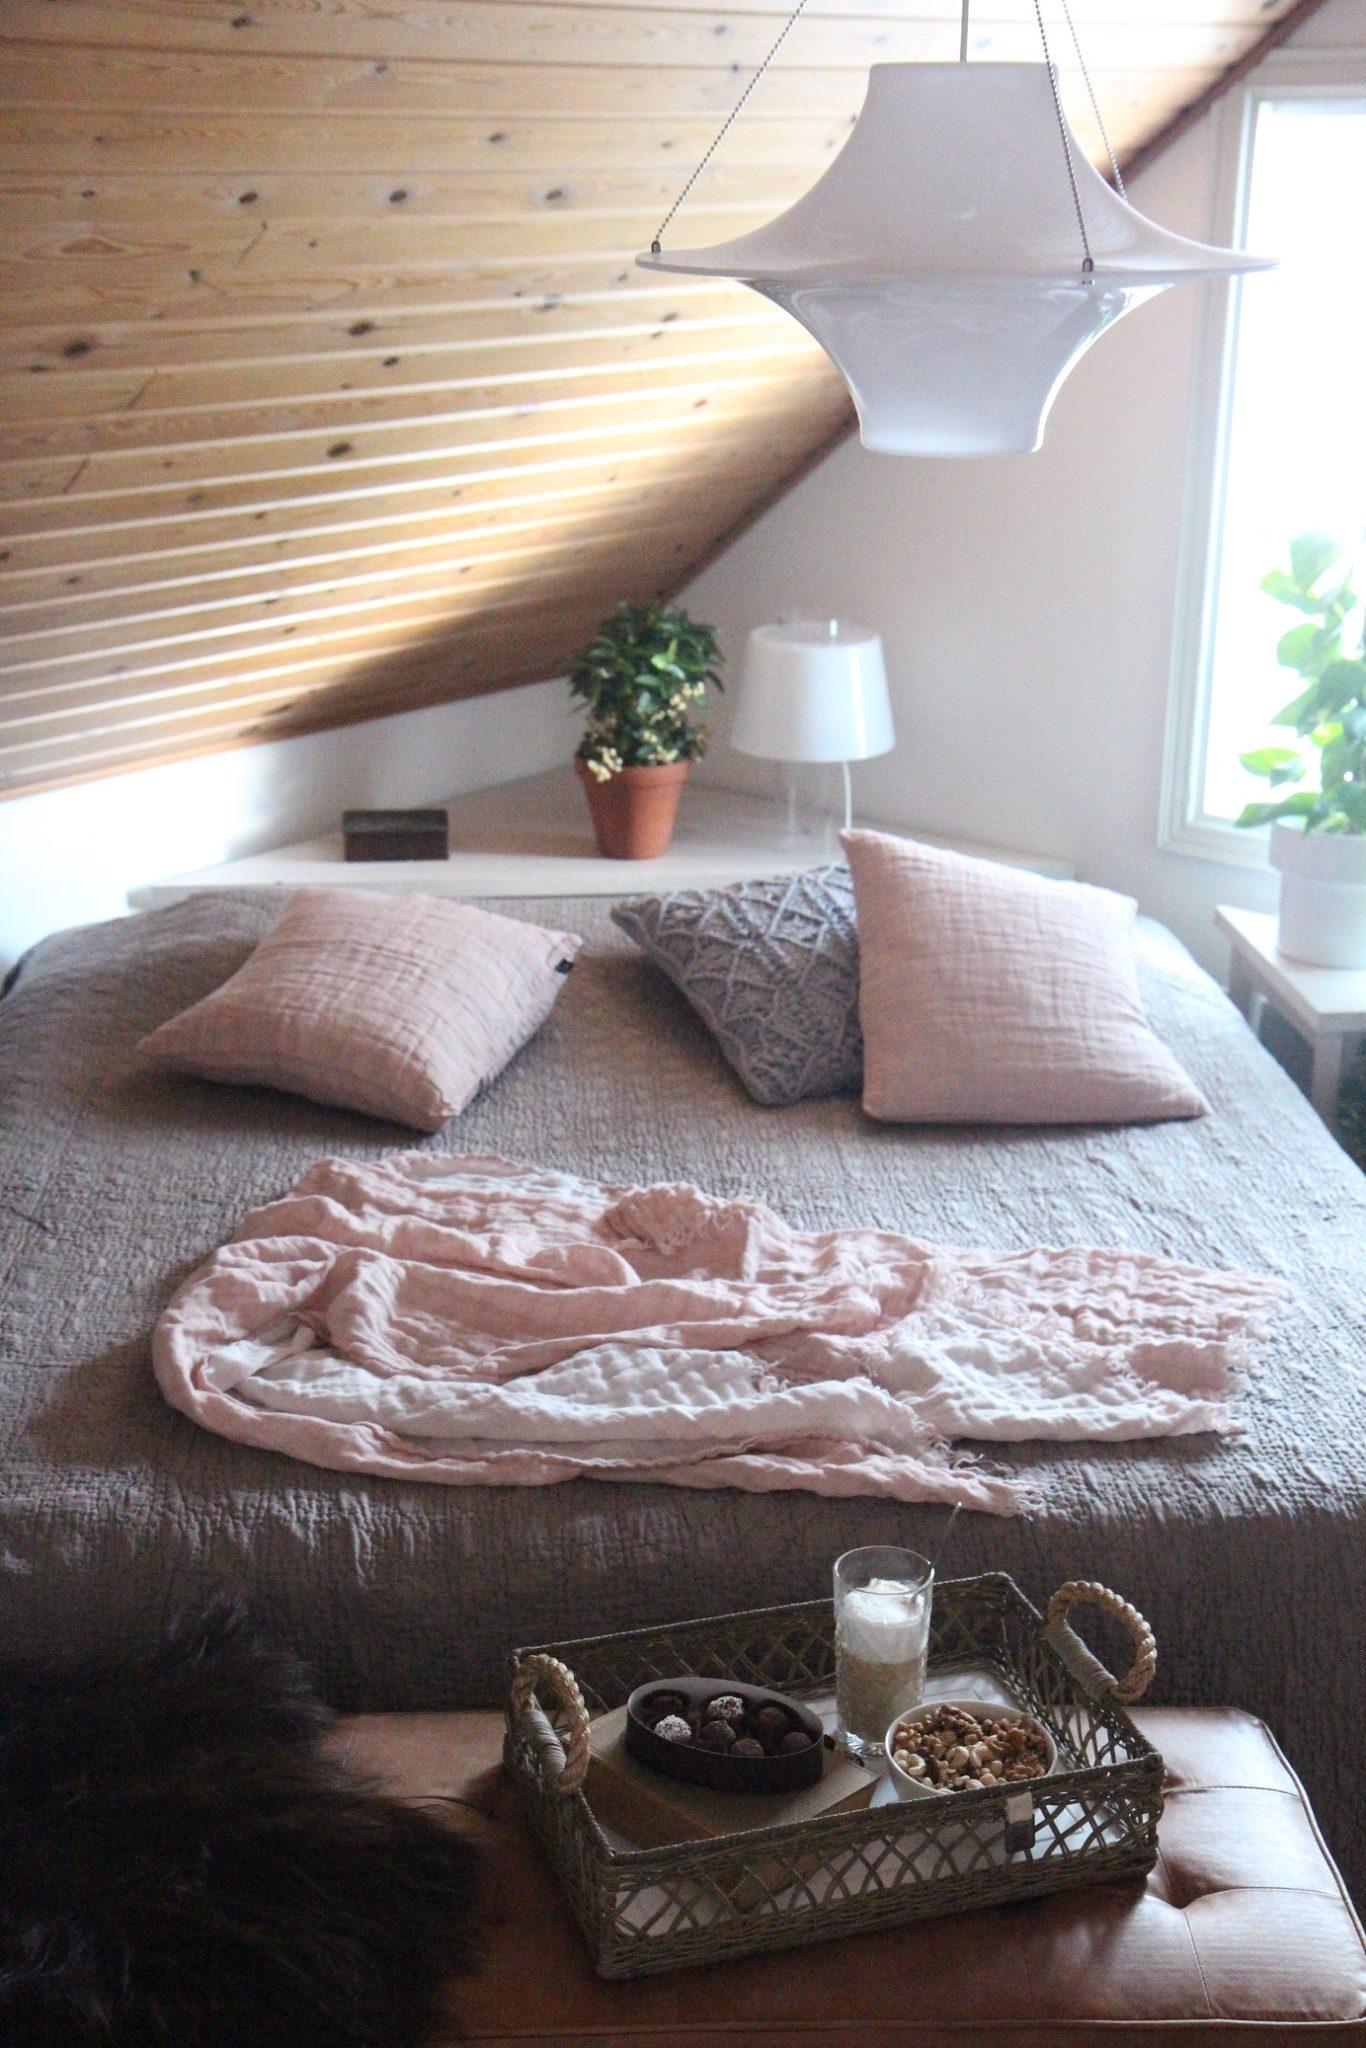 Makuuhuoneen kevätsävyt minkkiä ja puuteriroosaa